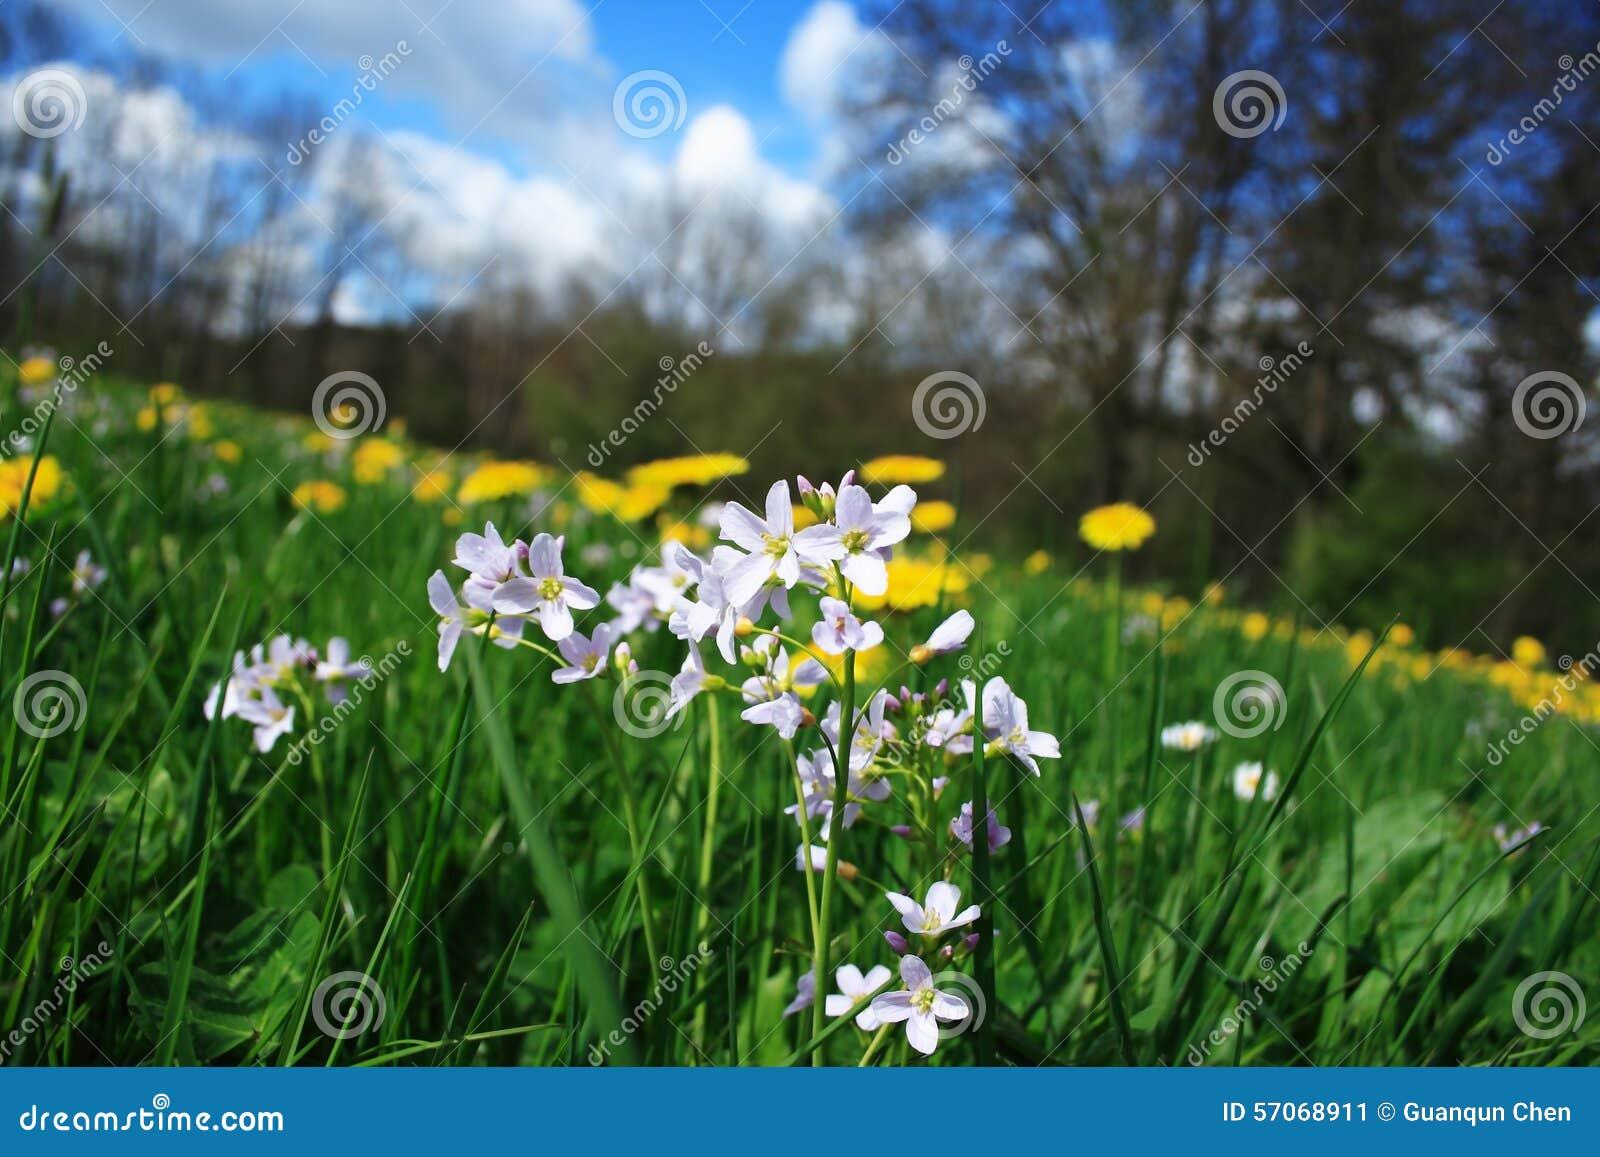 Kleine bloem in het meest forrest